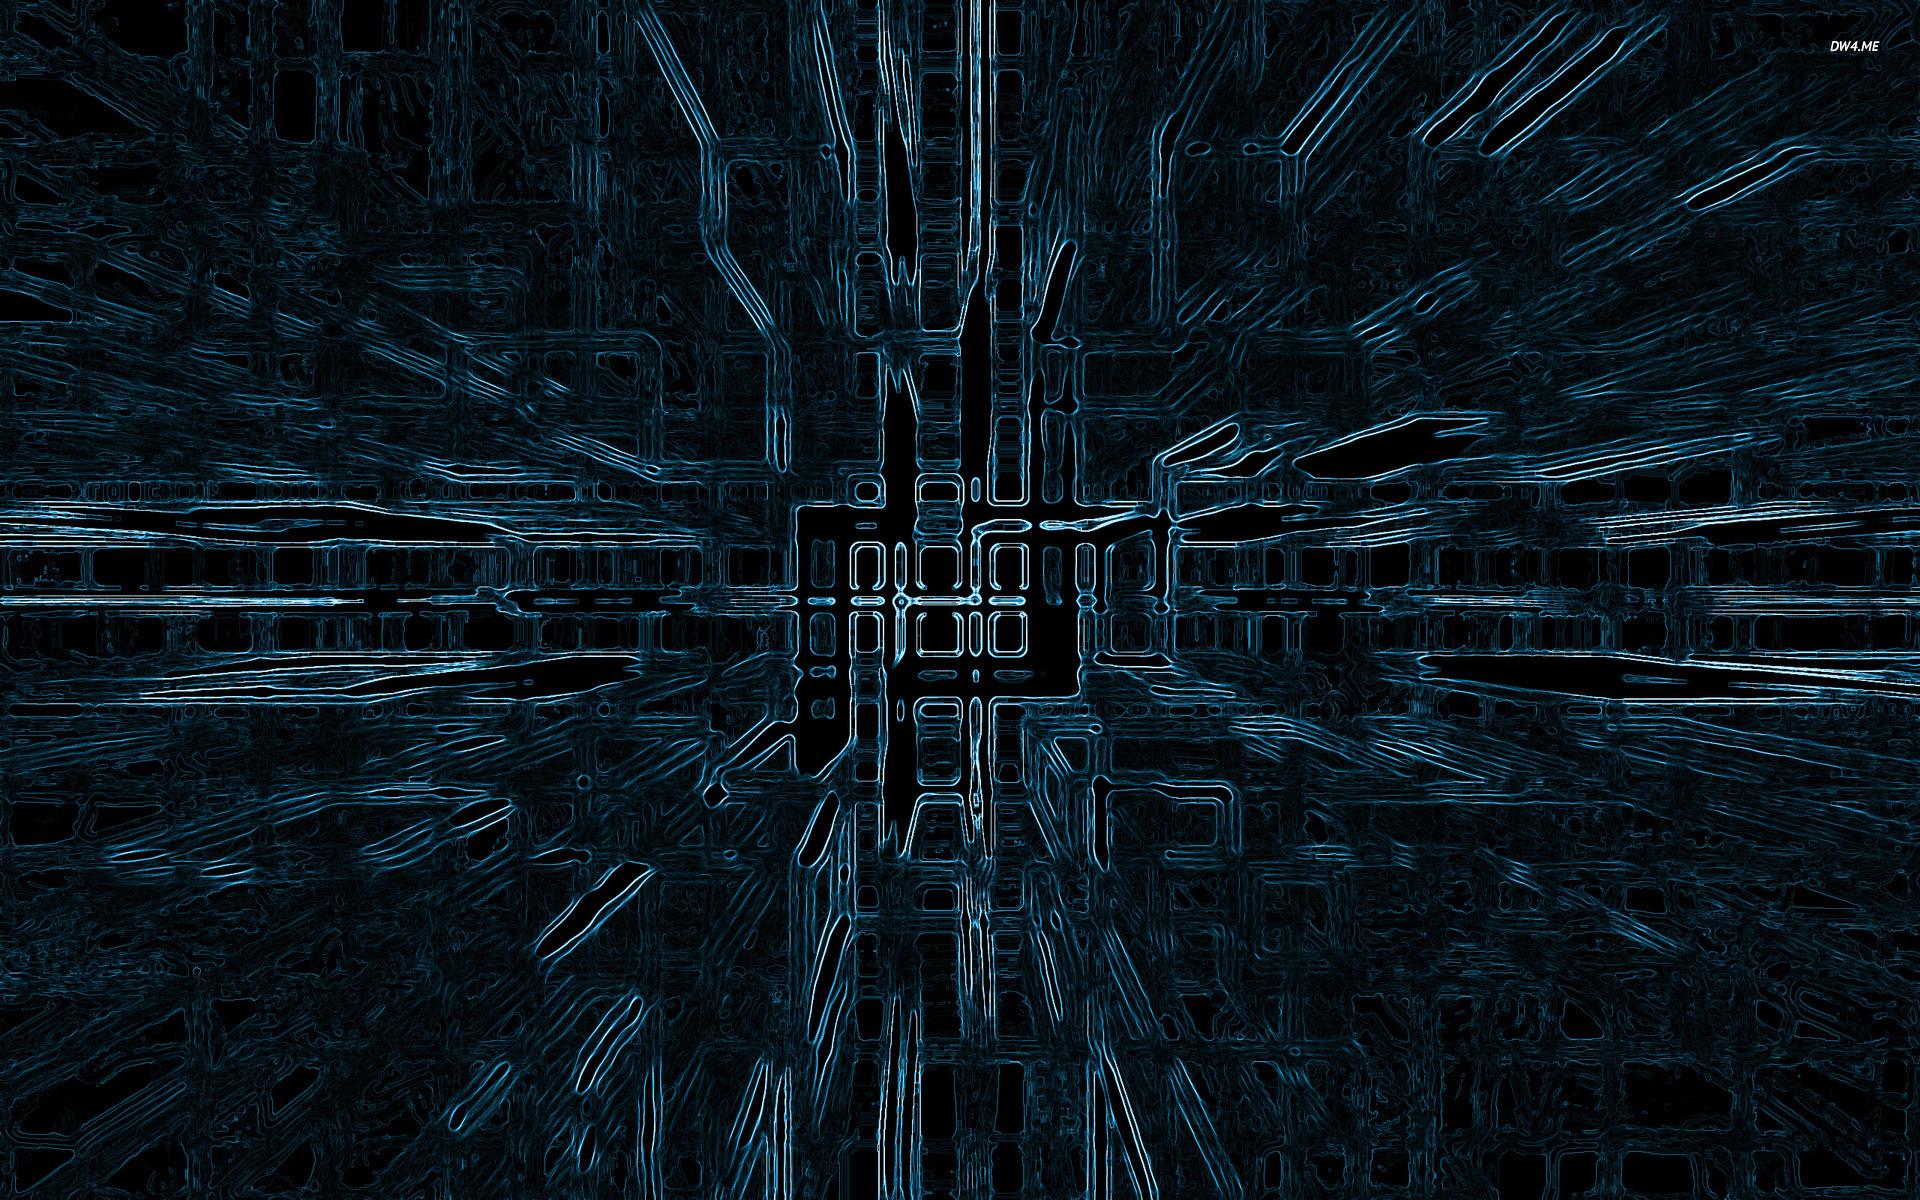 Abstract Hd Wallpaper Desktop 1920x1080px Wide Screen